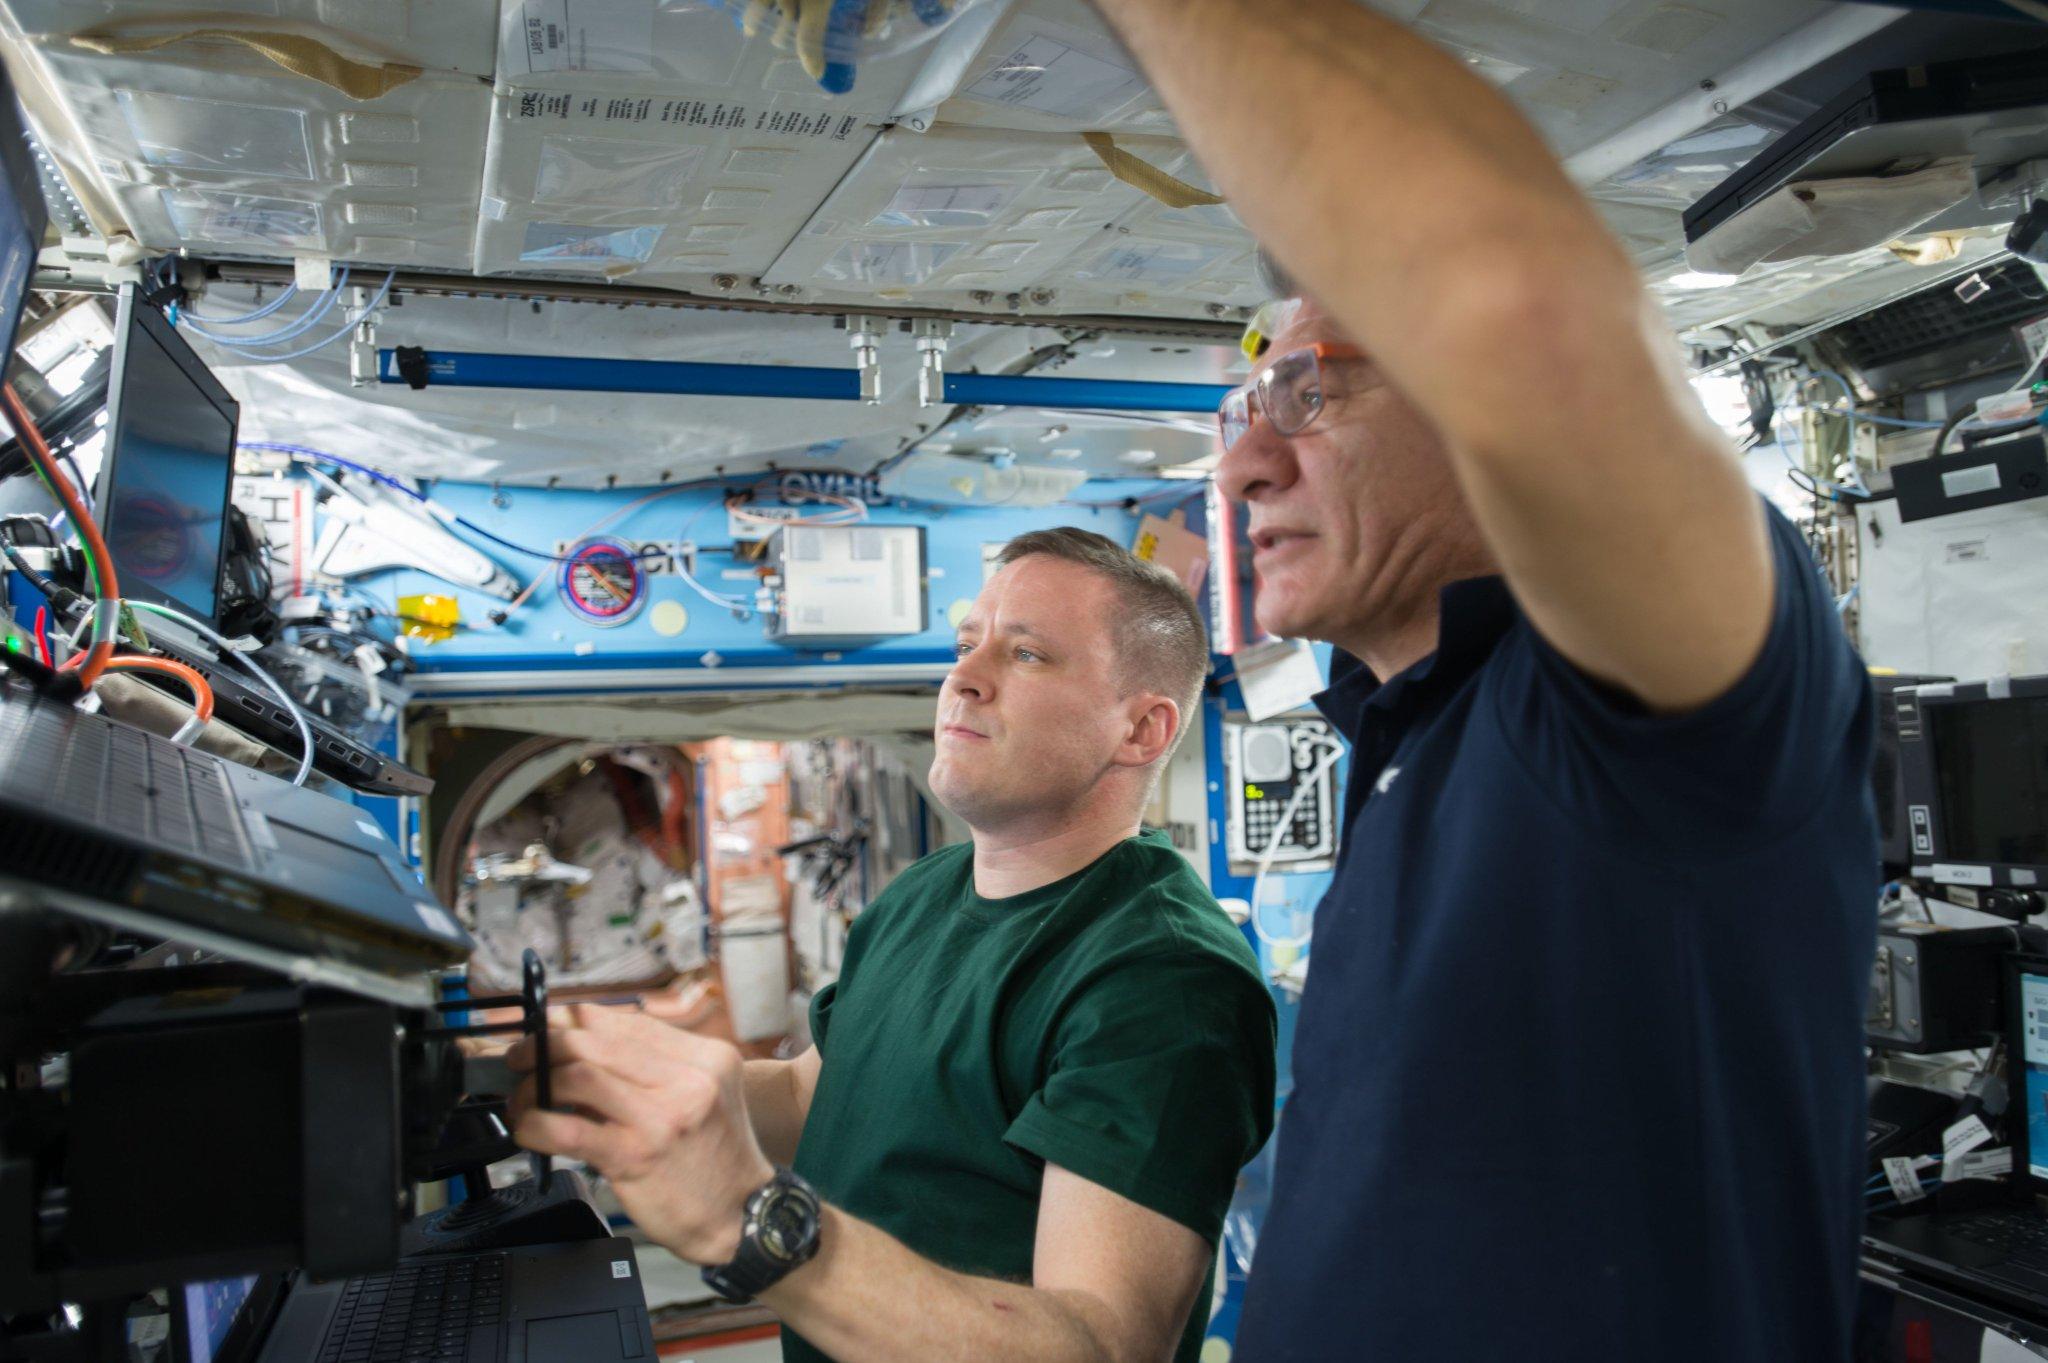 Uno @SpaceX Dragon ci sta venendo incontro... Ma noi, cavalieri della Casata ISS, lo cattureremo! (Ci serve solo un po' di esercizio 😀) https://t.co/rDtRS2t1YF